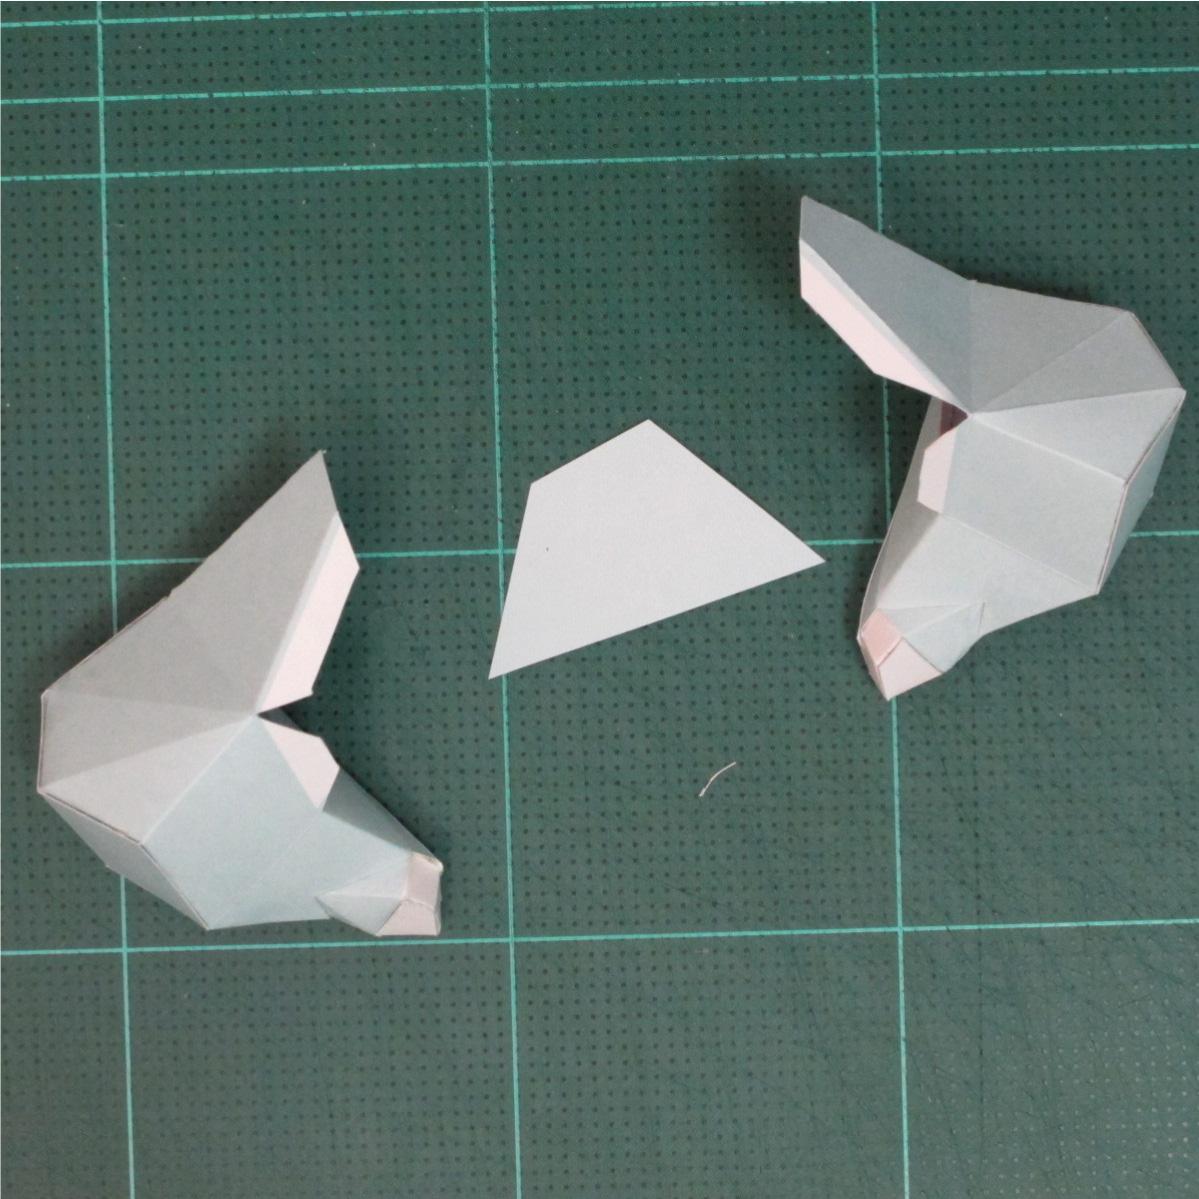 วิธีทำโมเดลกระดาษคุกกี้รันจิ้งจอกเก้าหางในร่างหมาจิ้งจอก (Cookie Run Ninetails Fox Form Papercraft Model) 014